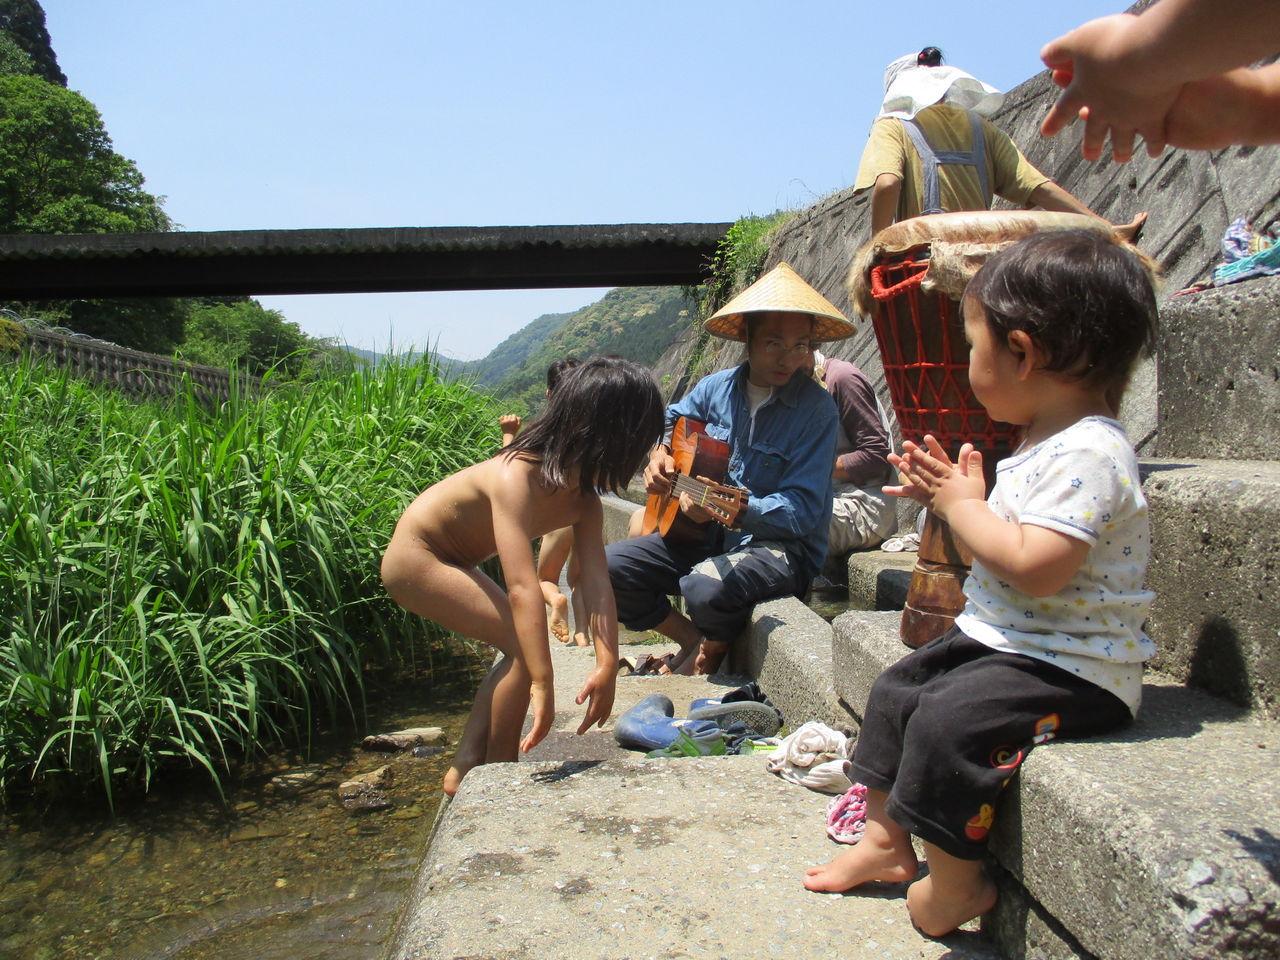 子ども 水遊び 裸 水遊びしました: 宝陽幼稚園 ~子どもの横顔~